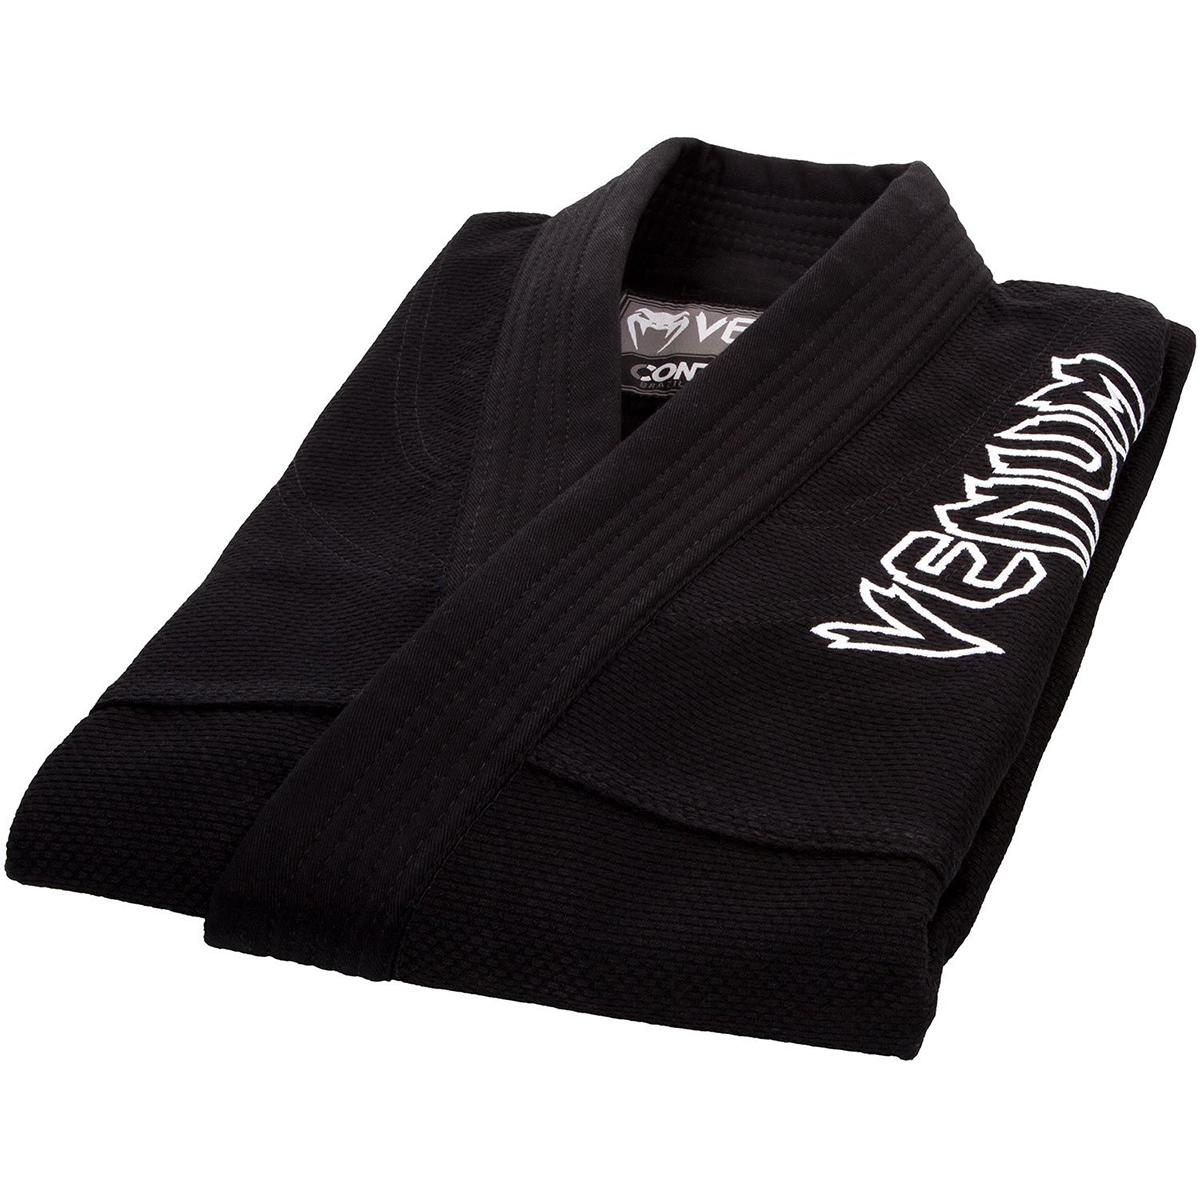 thumbnail 5 - Venum Contender 2.0 Brazilian Jiu-Jitsu Gi